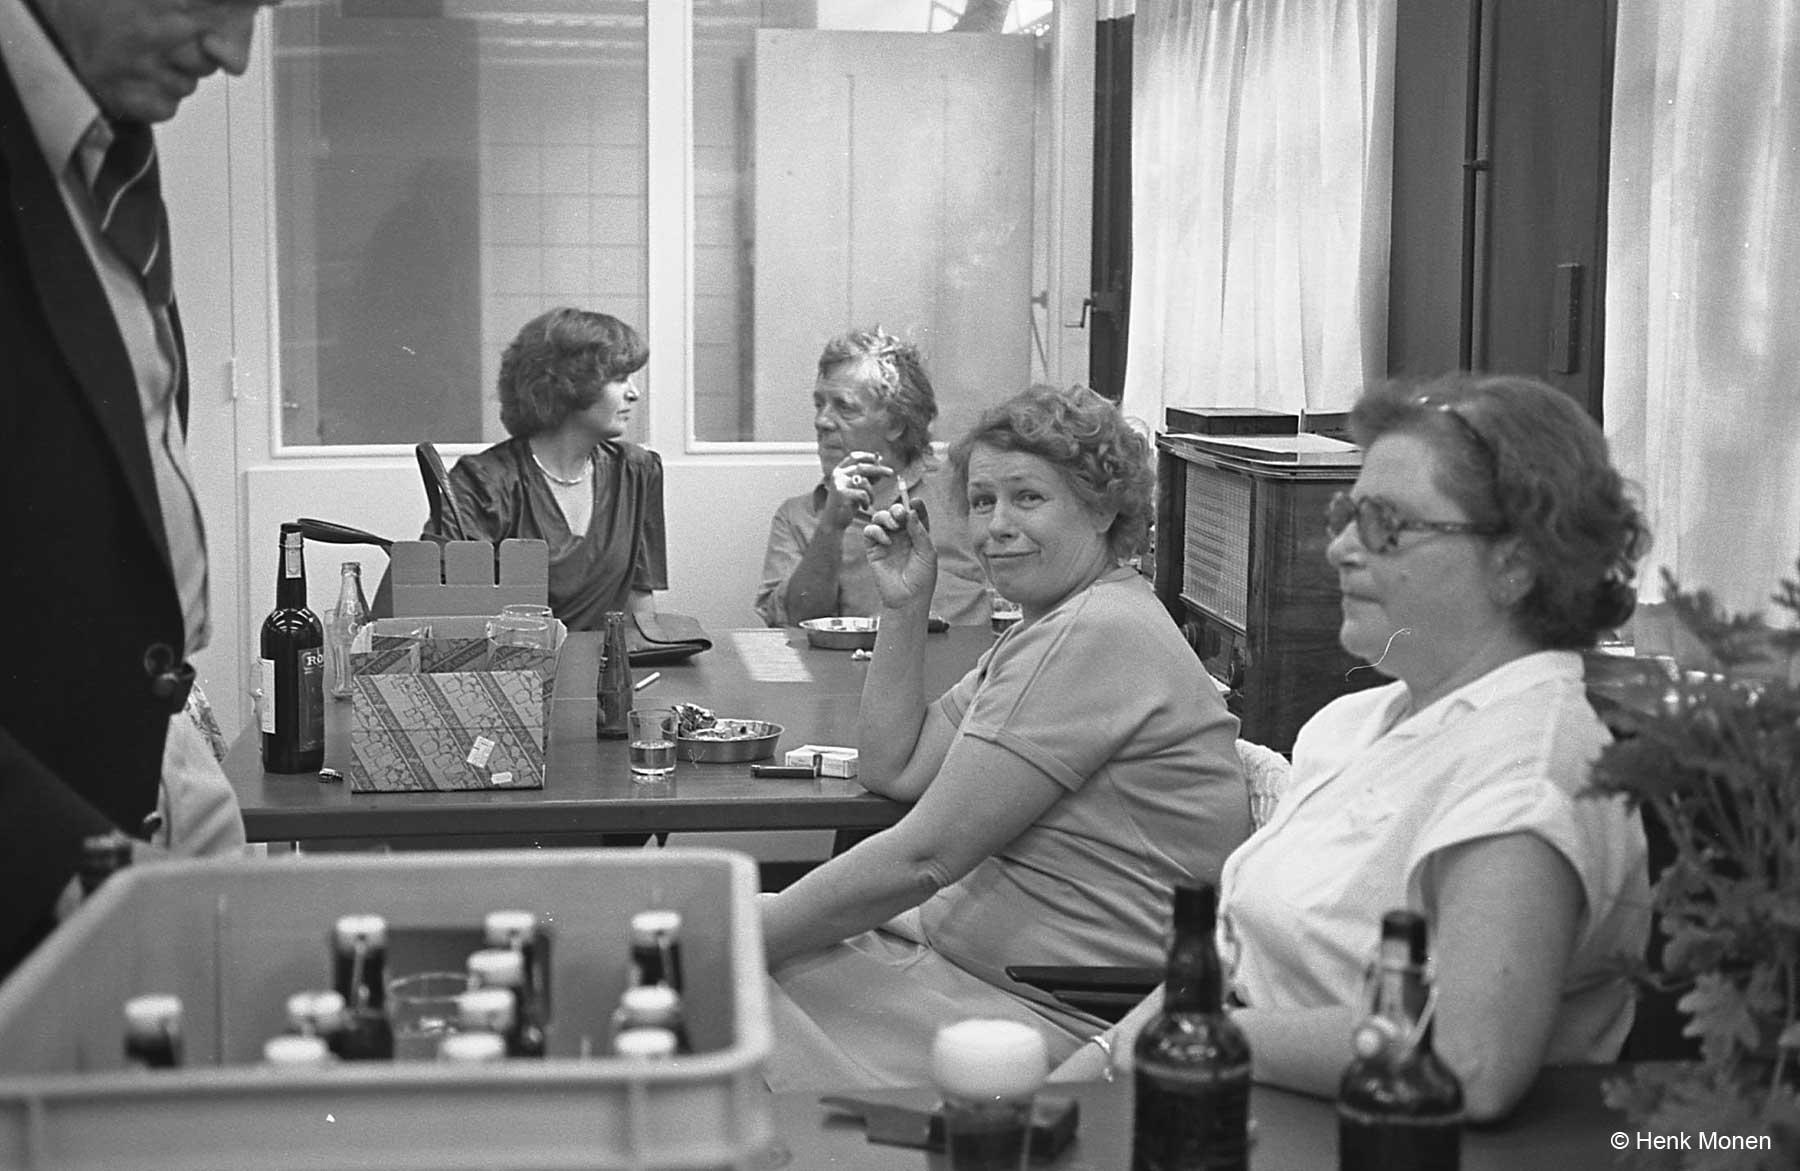 Cees Egeler en de dames Toepoel en Frieling. de van Eunen's op de achtergrond